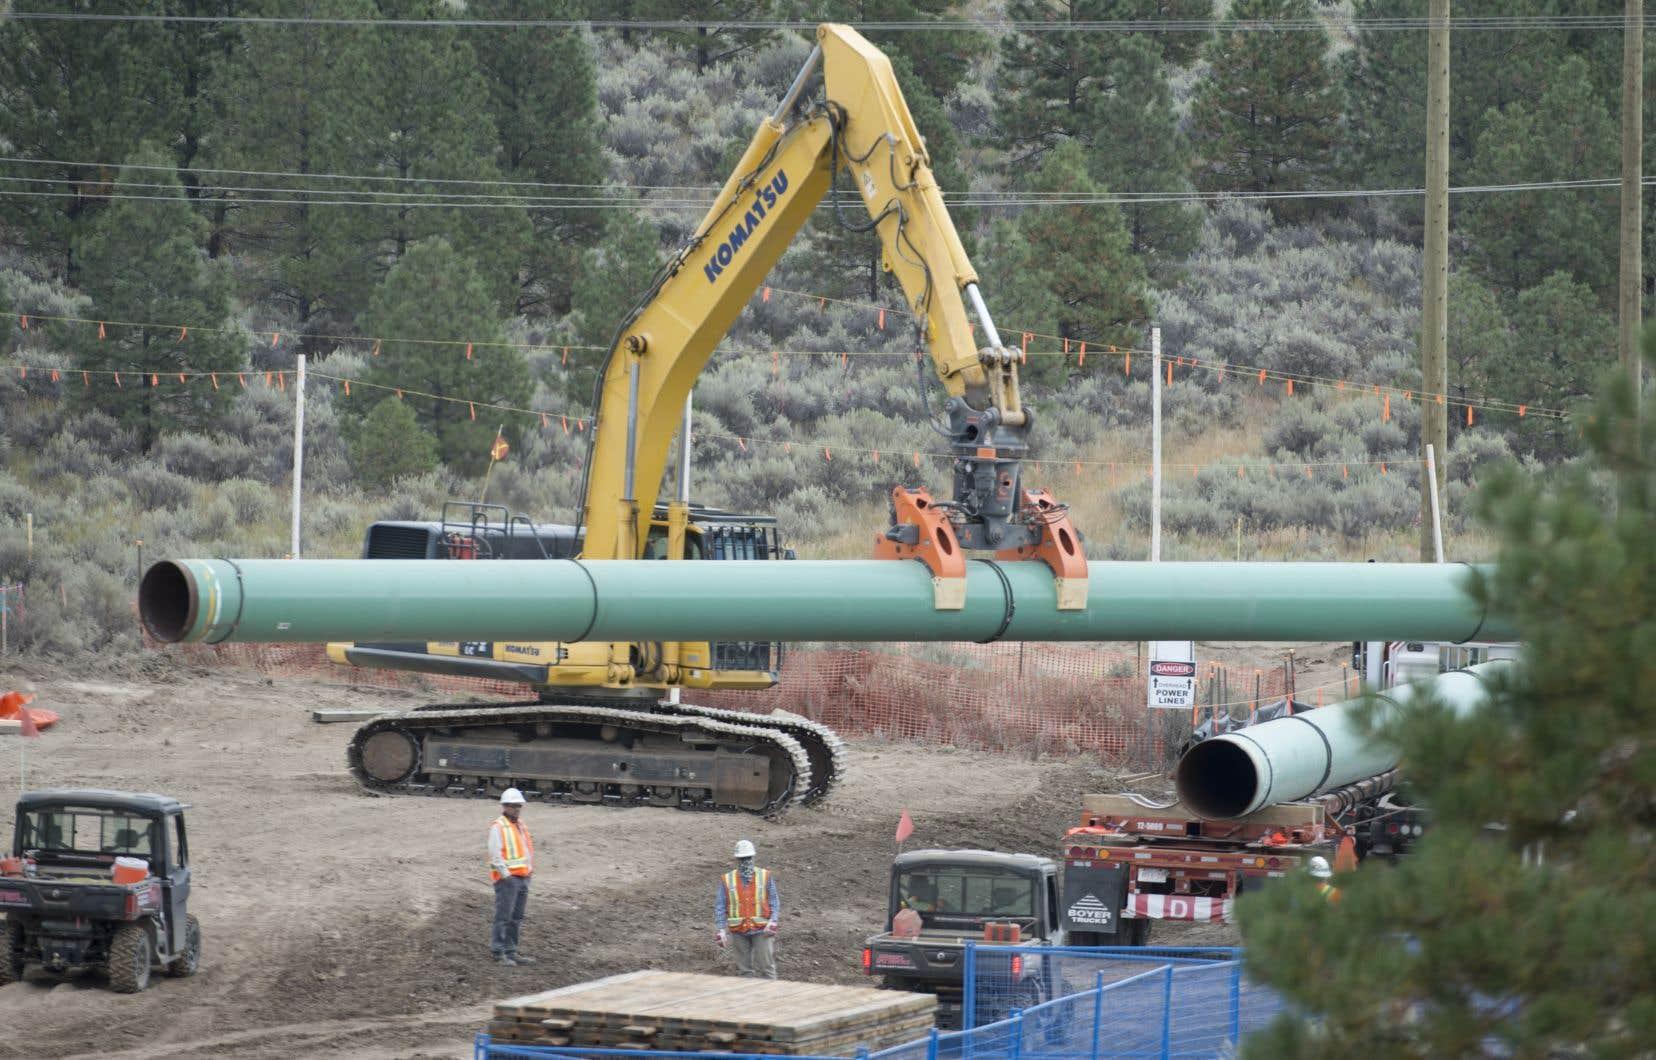 La construction du pipeline Trans Mountain a redémarré en 2019, après une pause en 2018 en raison de la décision du tribunal sur la première approbation fédérale.